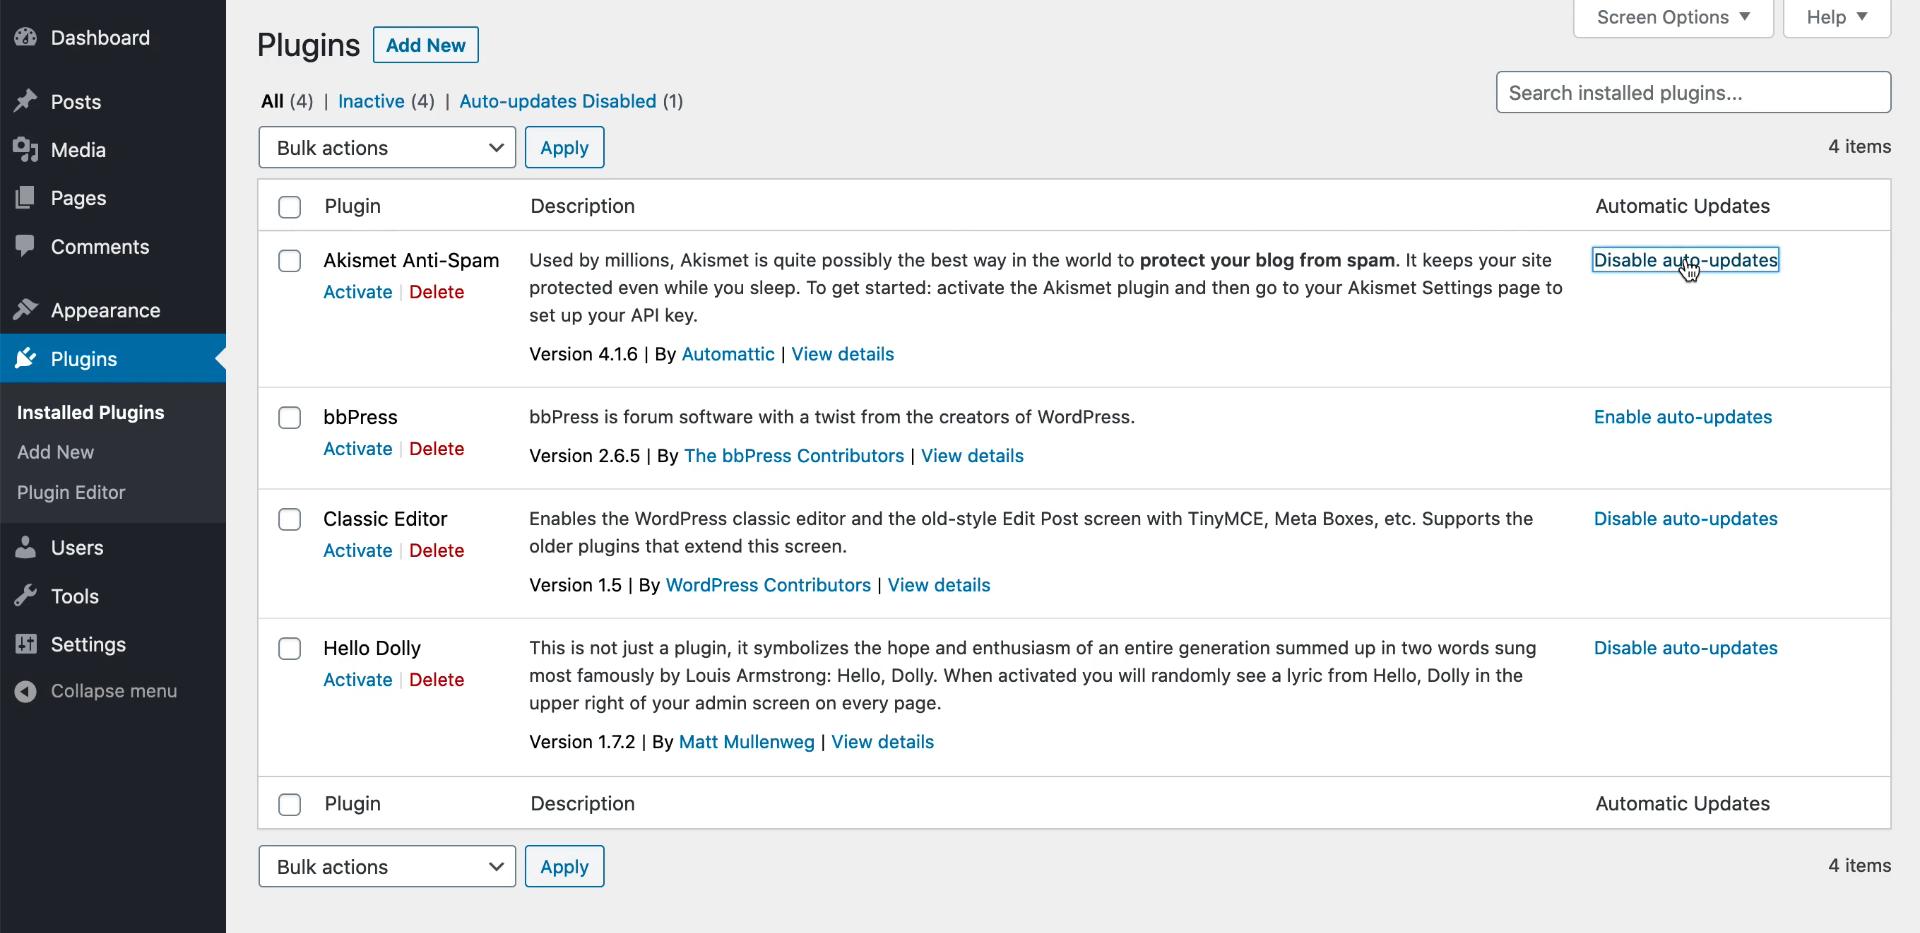 Gestione degli aggiornamenti automatici su WordPress 5.5